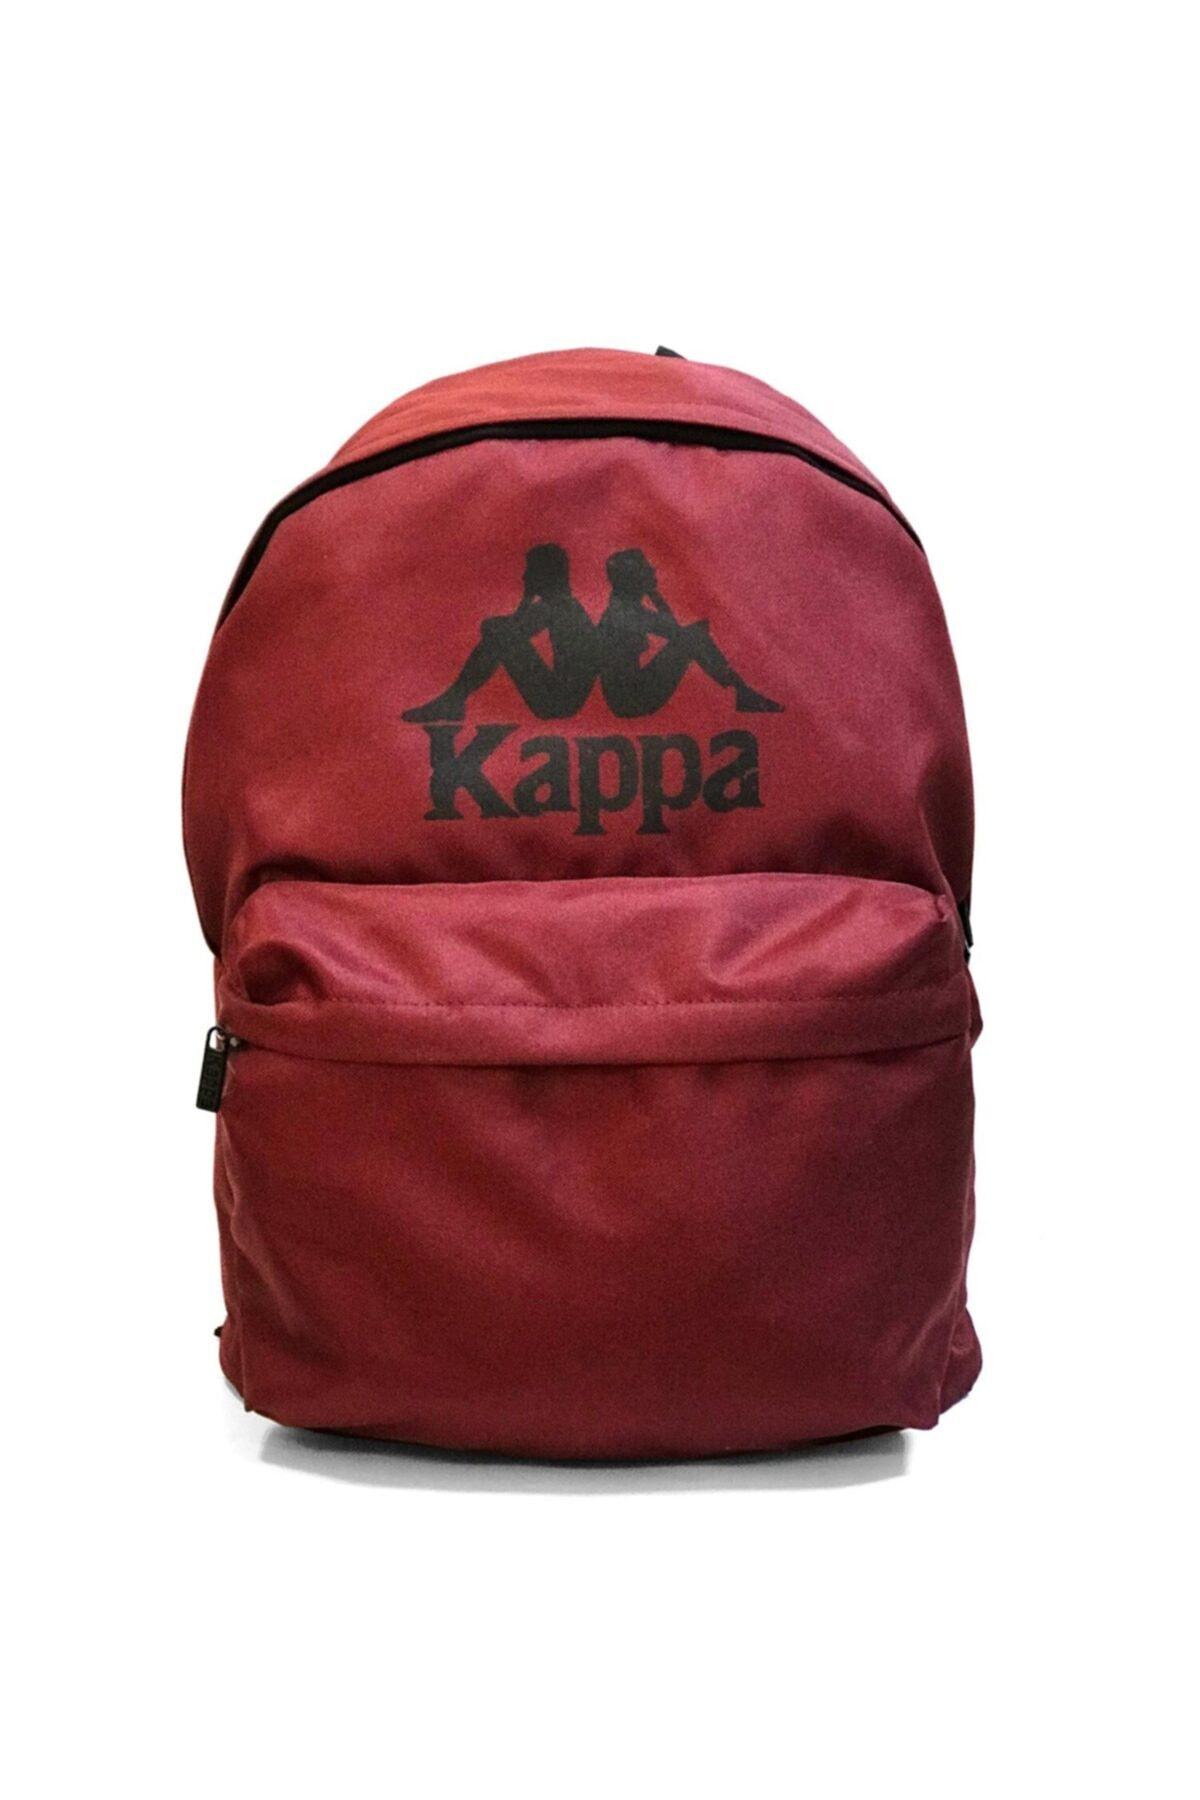 Kappa Basıc Bordo Sırt Çantası 2